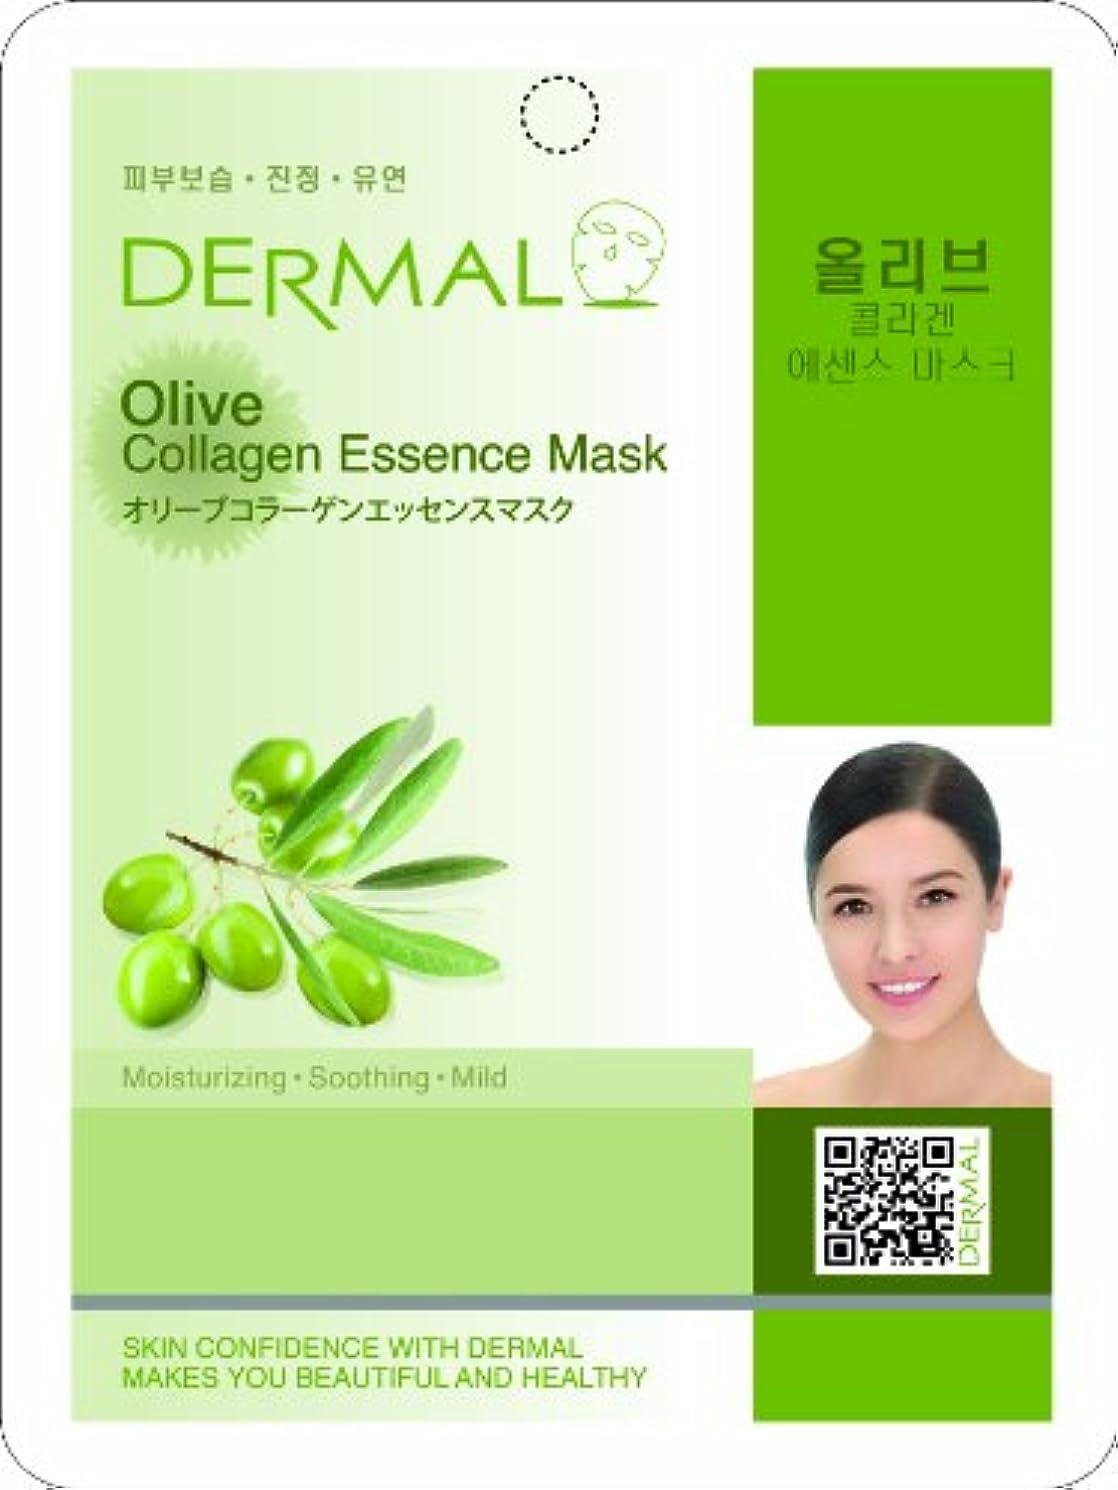 全能学ぶ薬を飲むオリーブシートマスク(フェイスパック) 10枚セット ダーマル(Dermal)